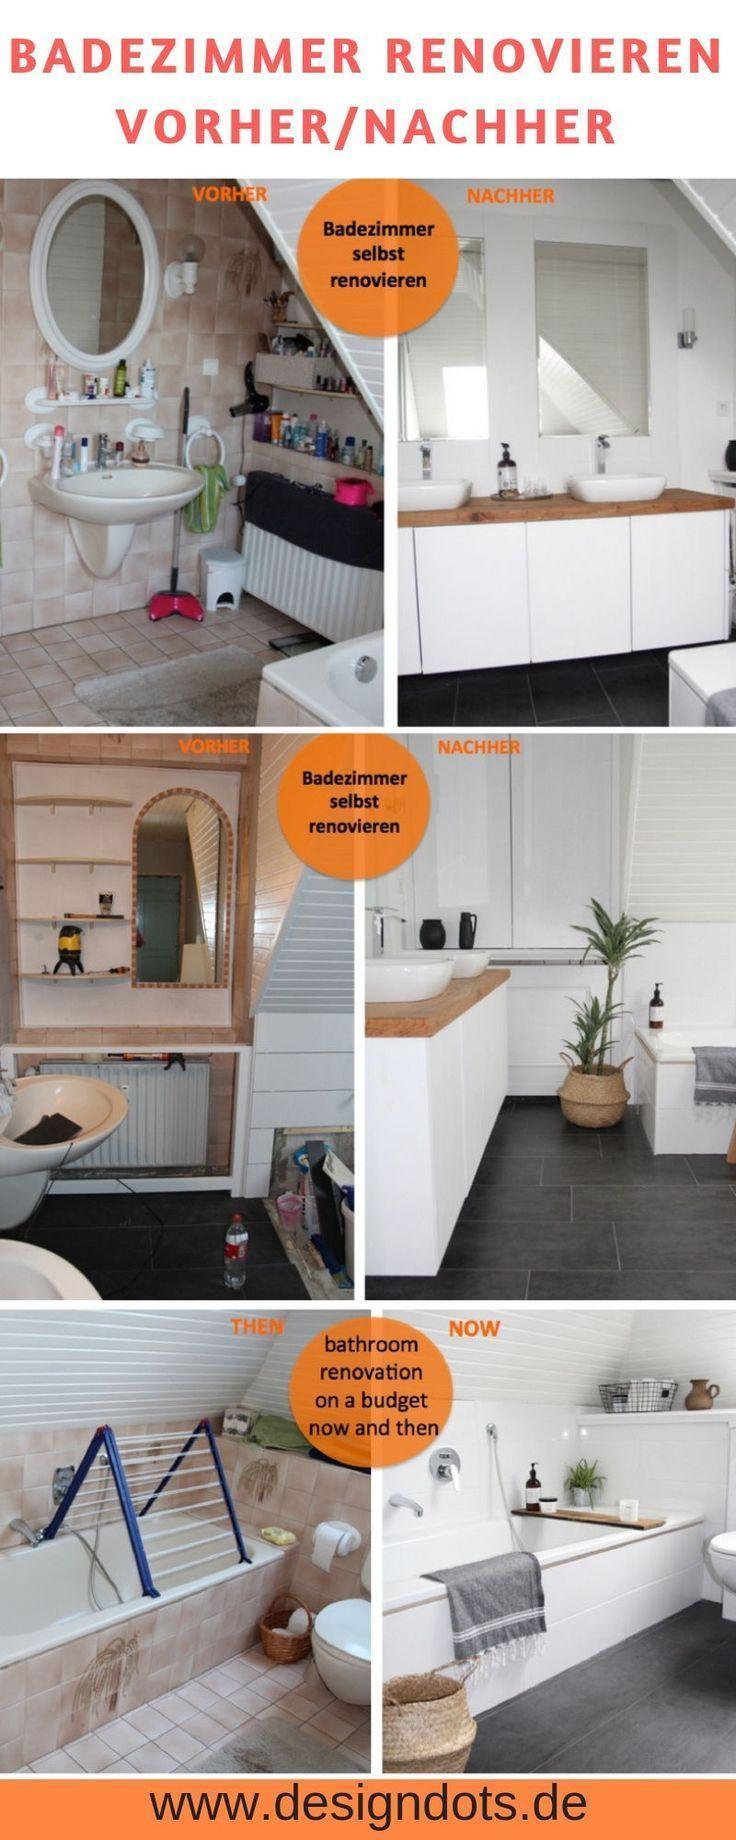 Badezimmer Selbst Renovieren Vorher Nachher Bad Ideen Deko